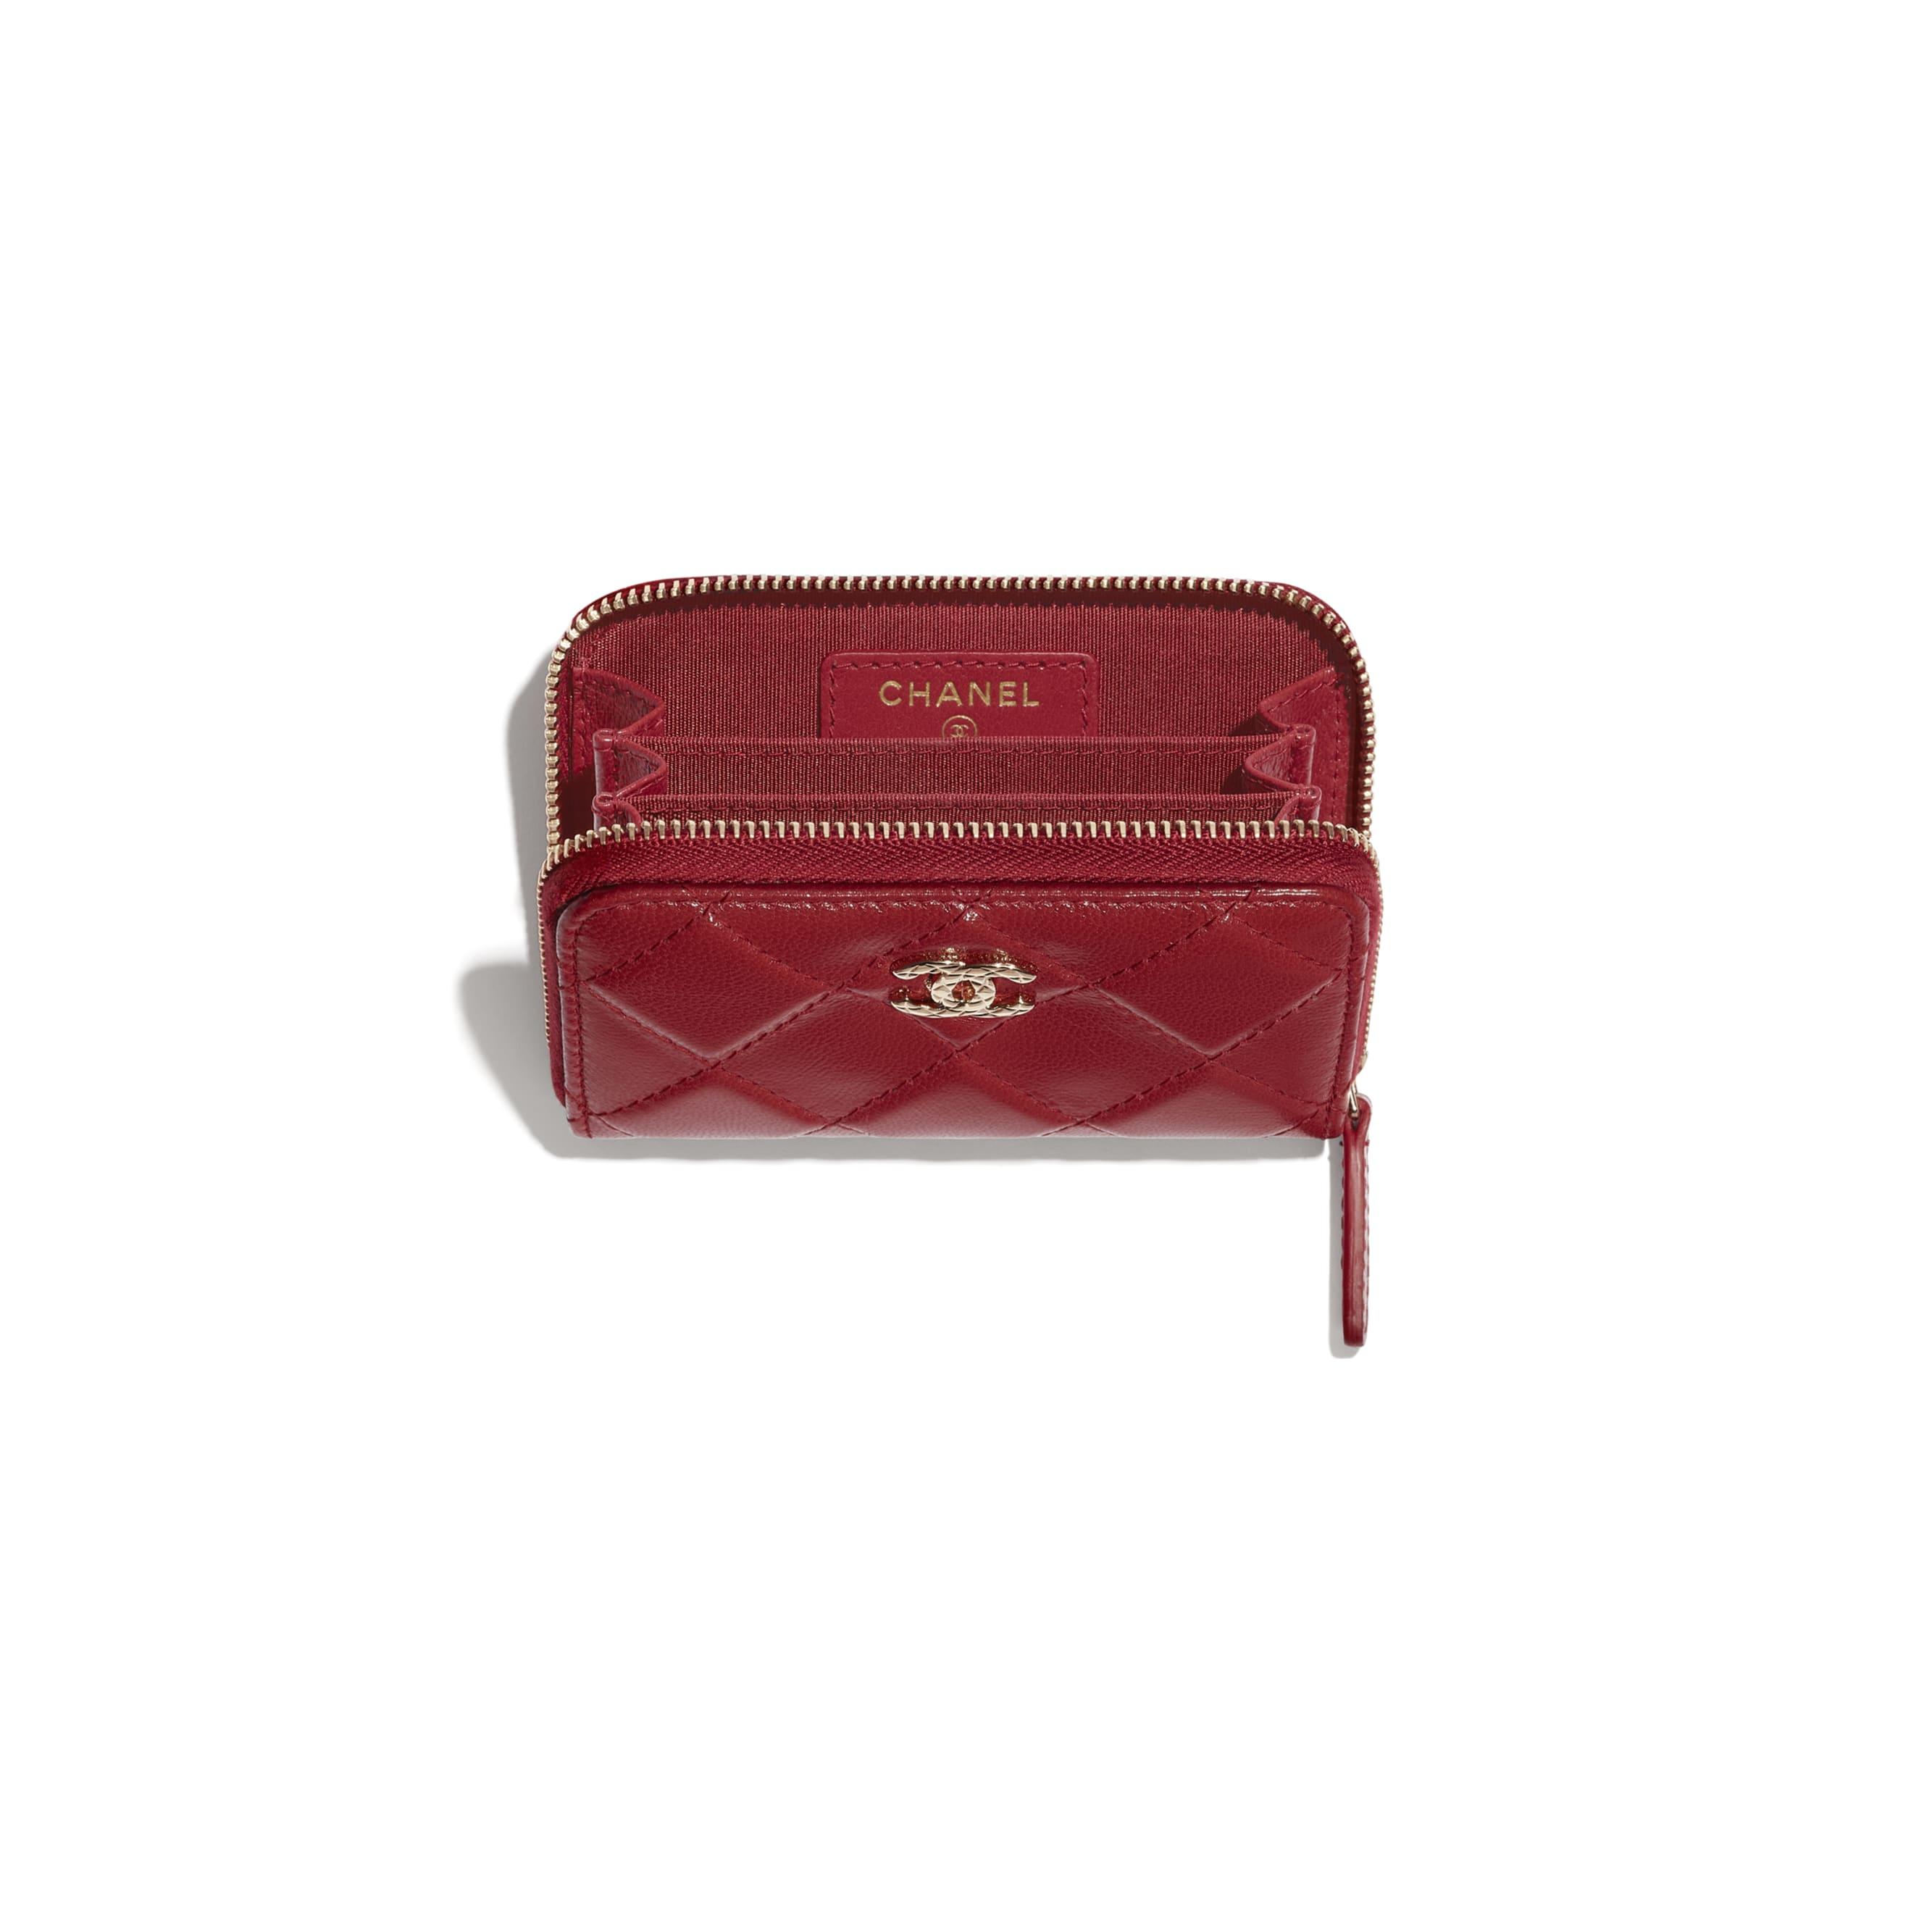 Monedero con cremallera - Rojo - Piel de cabra efecto arrugado con brillos y metal dorado - CHANEL - Otra vista - ver la versión tamaño estándar